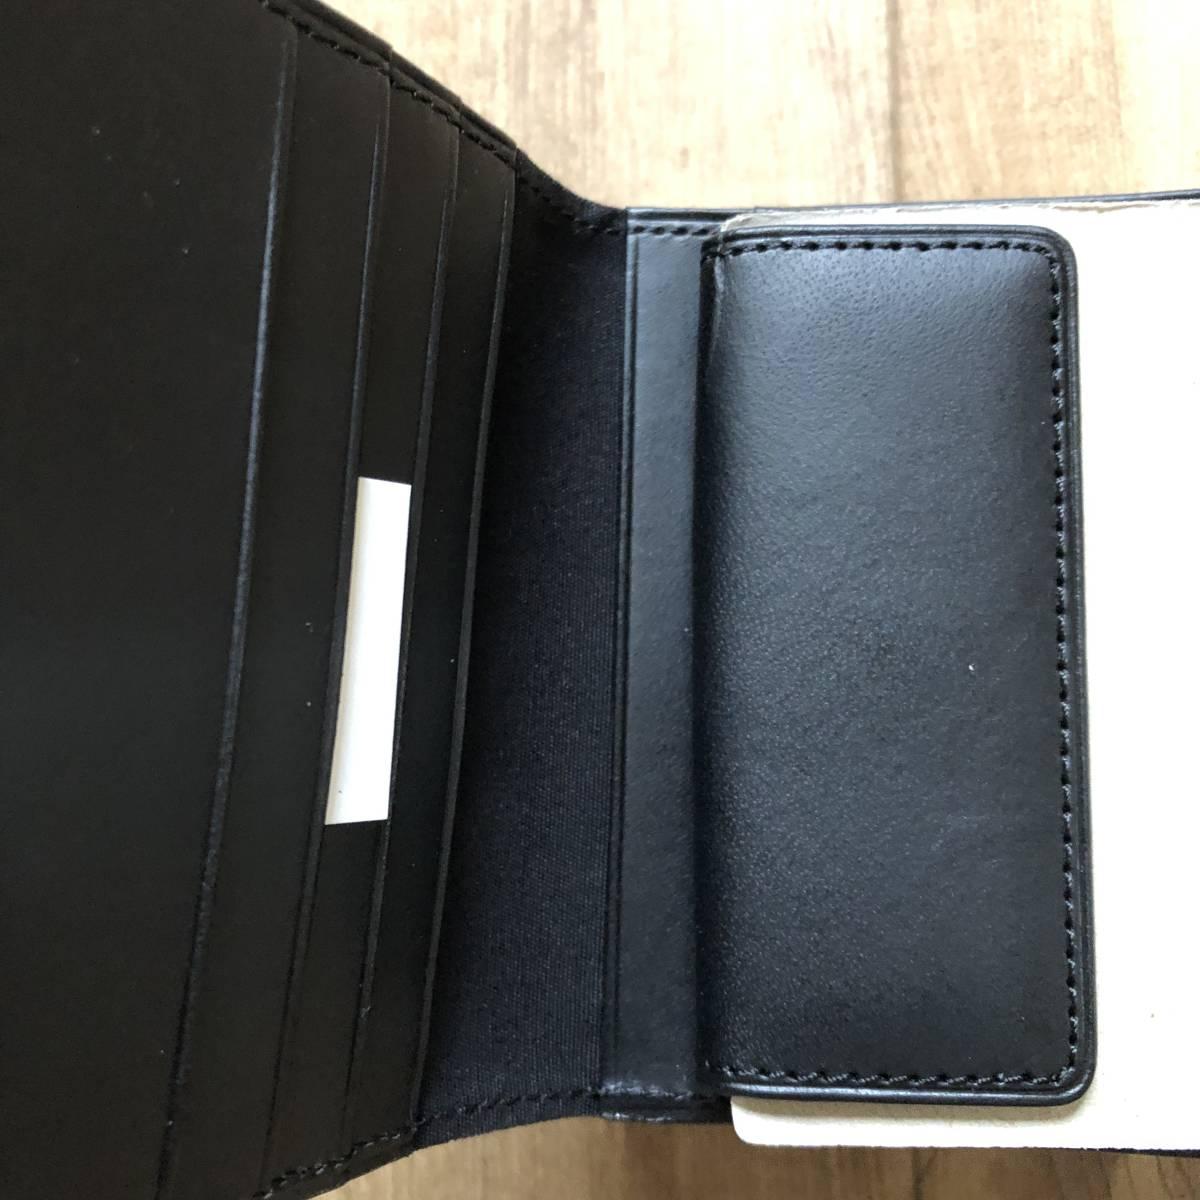 父の日のプレゼントに 無印良品 二つ折り財布 イタリア産ヌメ革 コインポケット付 黒 新品未使用_画像4